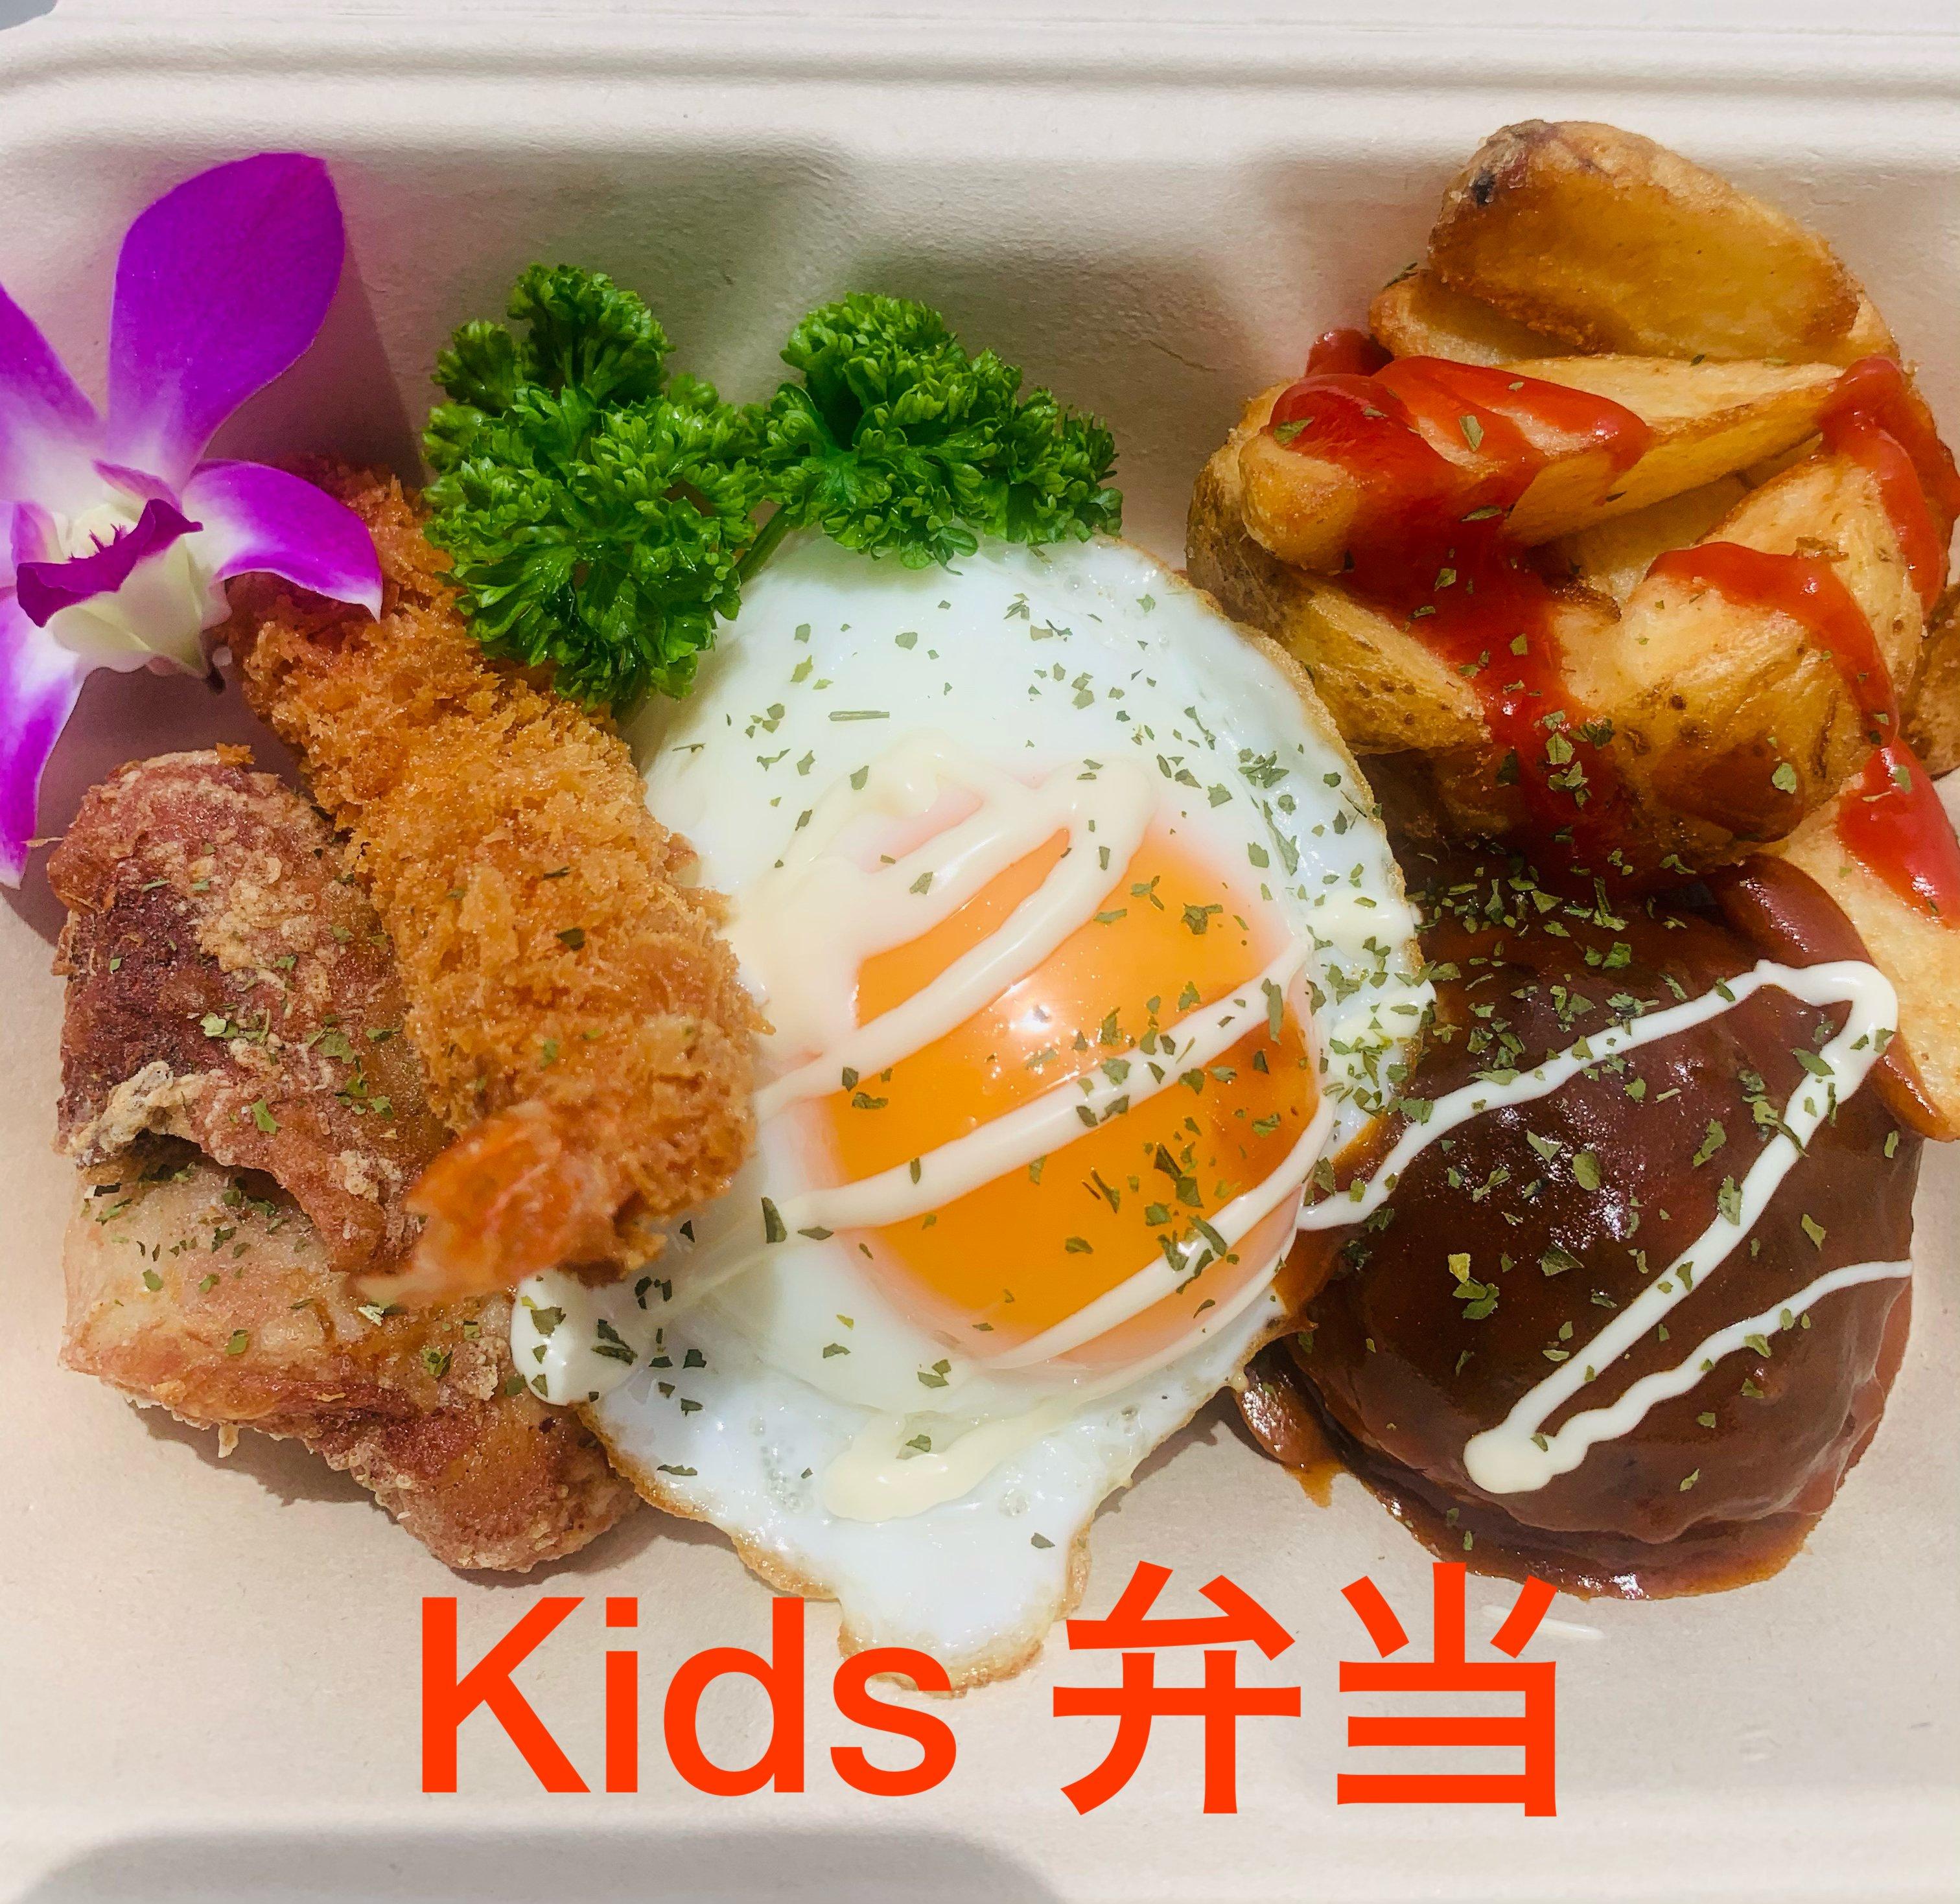 【休校措置期間限定】『kids弁当』のイメージその1